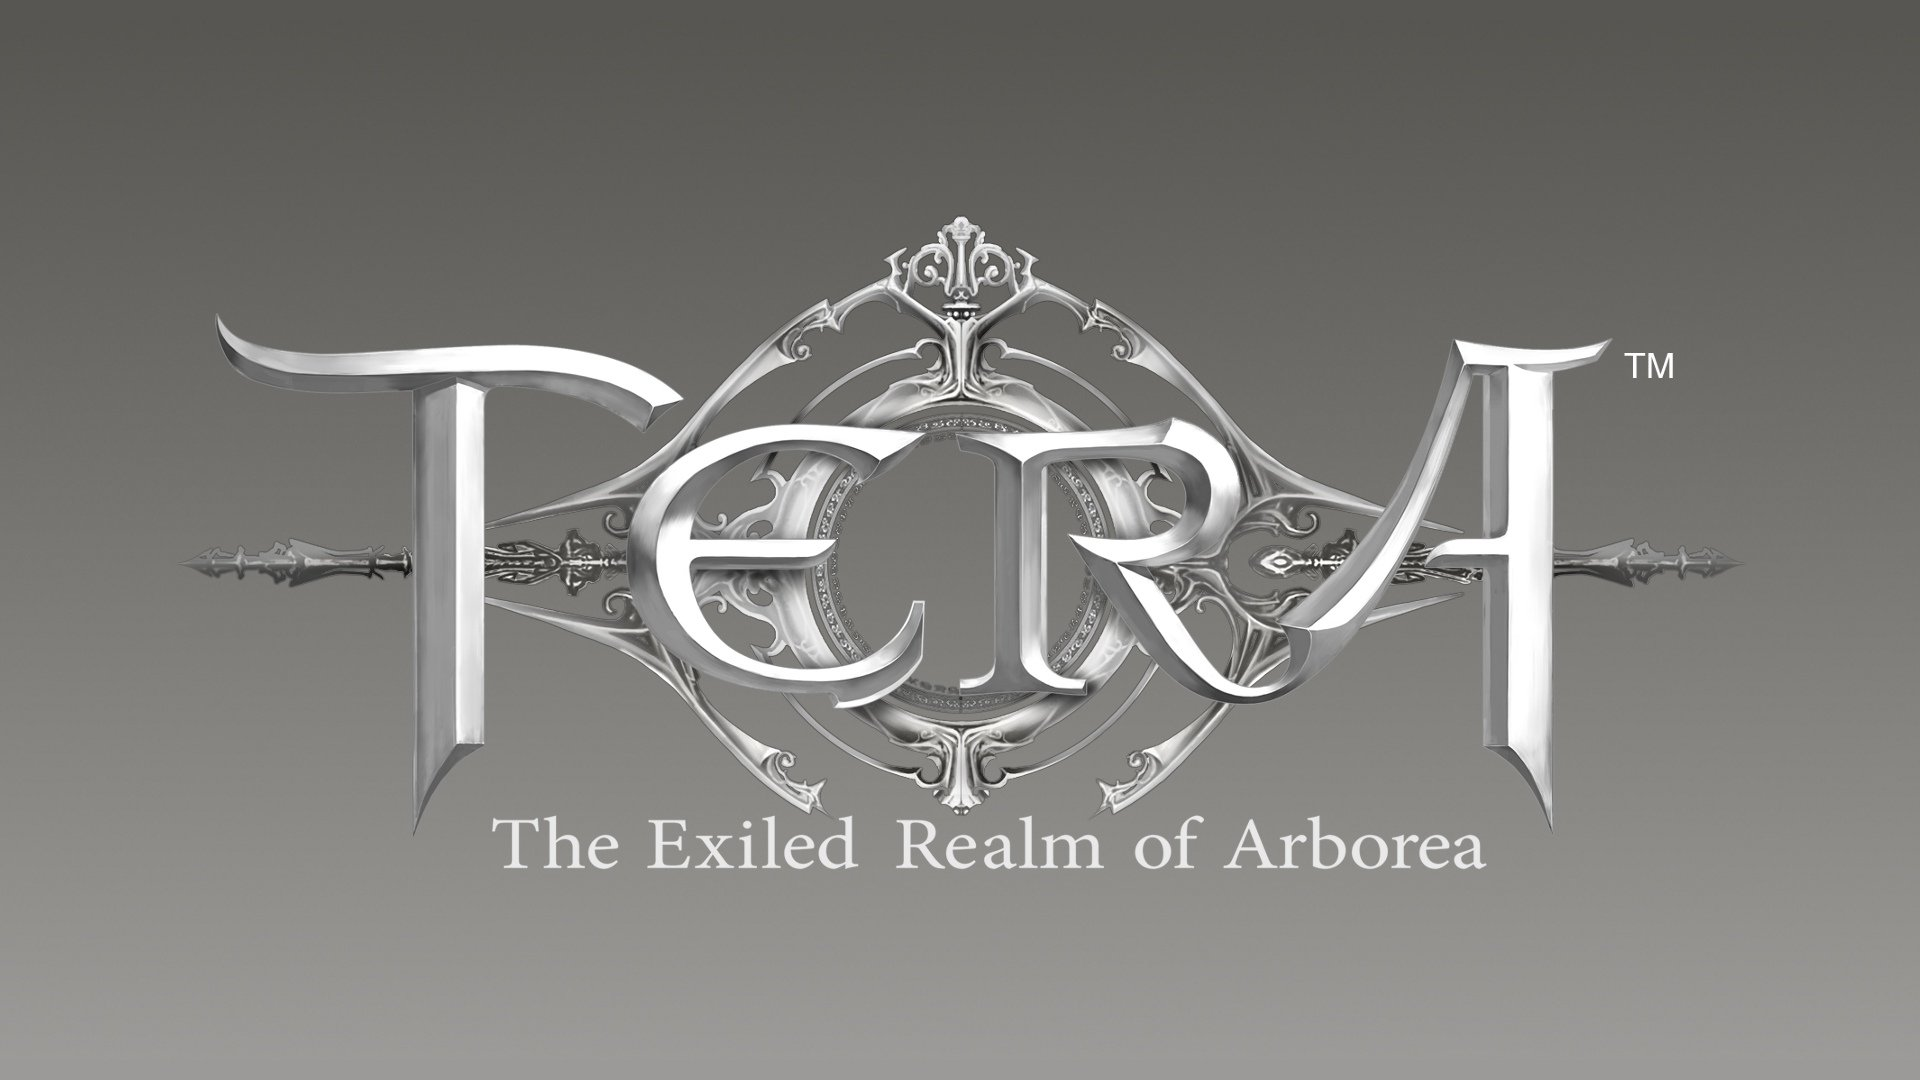 Разработчиков обвинили Tera что когда они уходили из NCsoft то прихватили с собой  всякие нишики из Lineage 3, а пот ... - Изображение 1